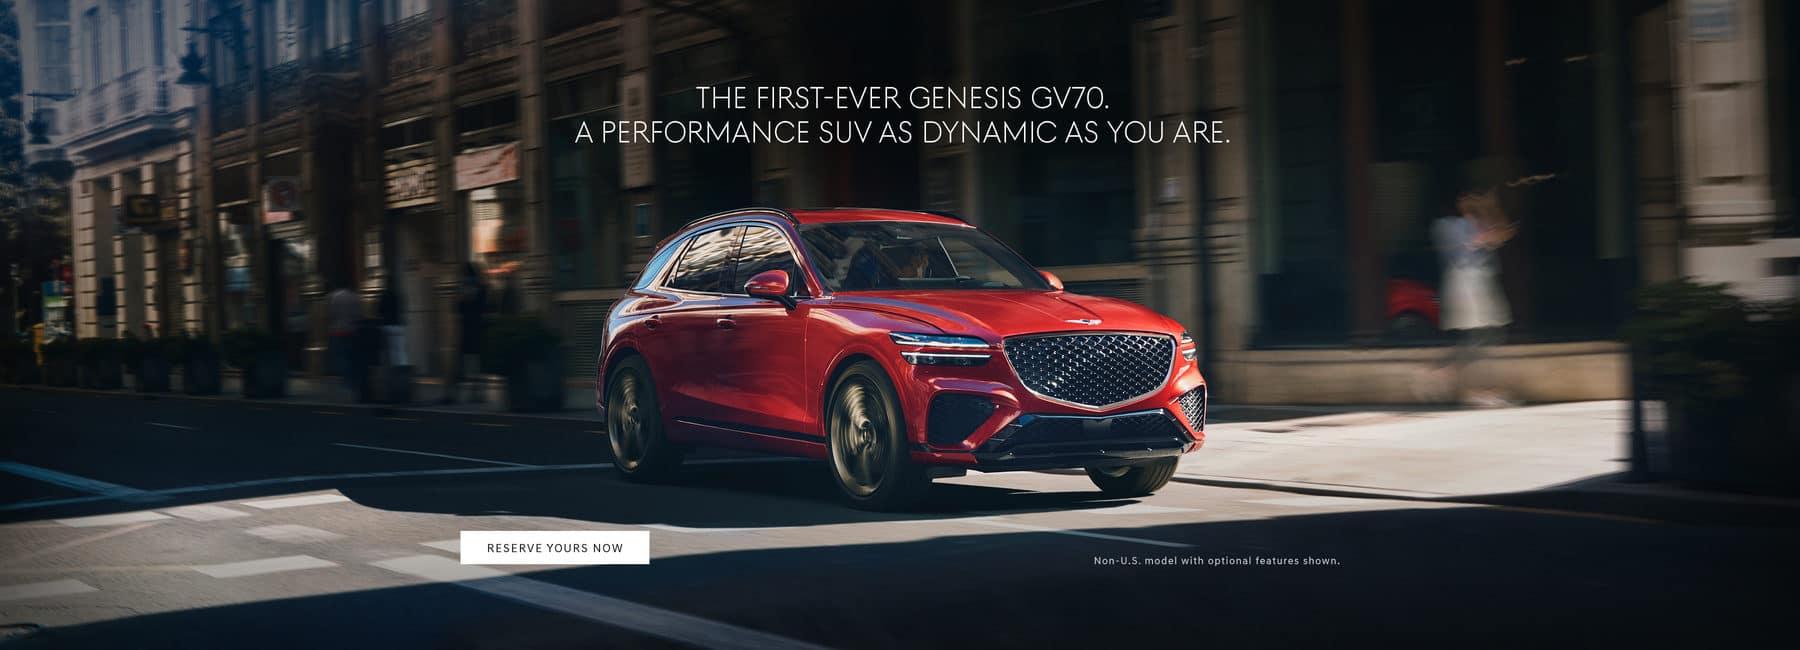 Dealer_Inspire-Brand-GV70-v3-1800×650